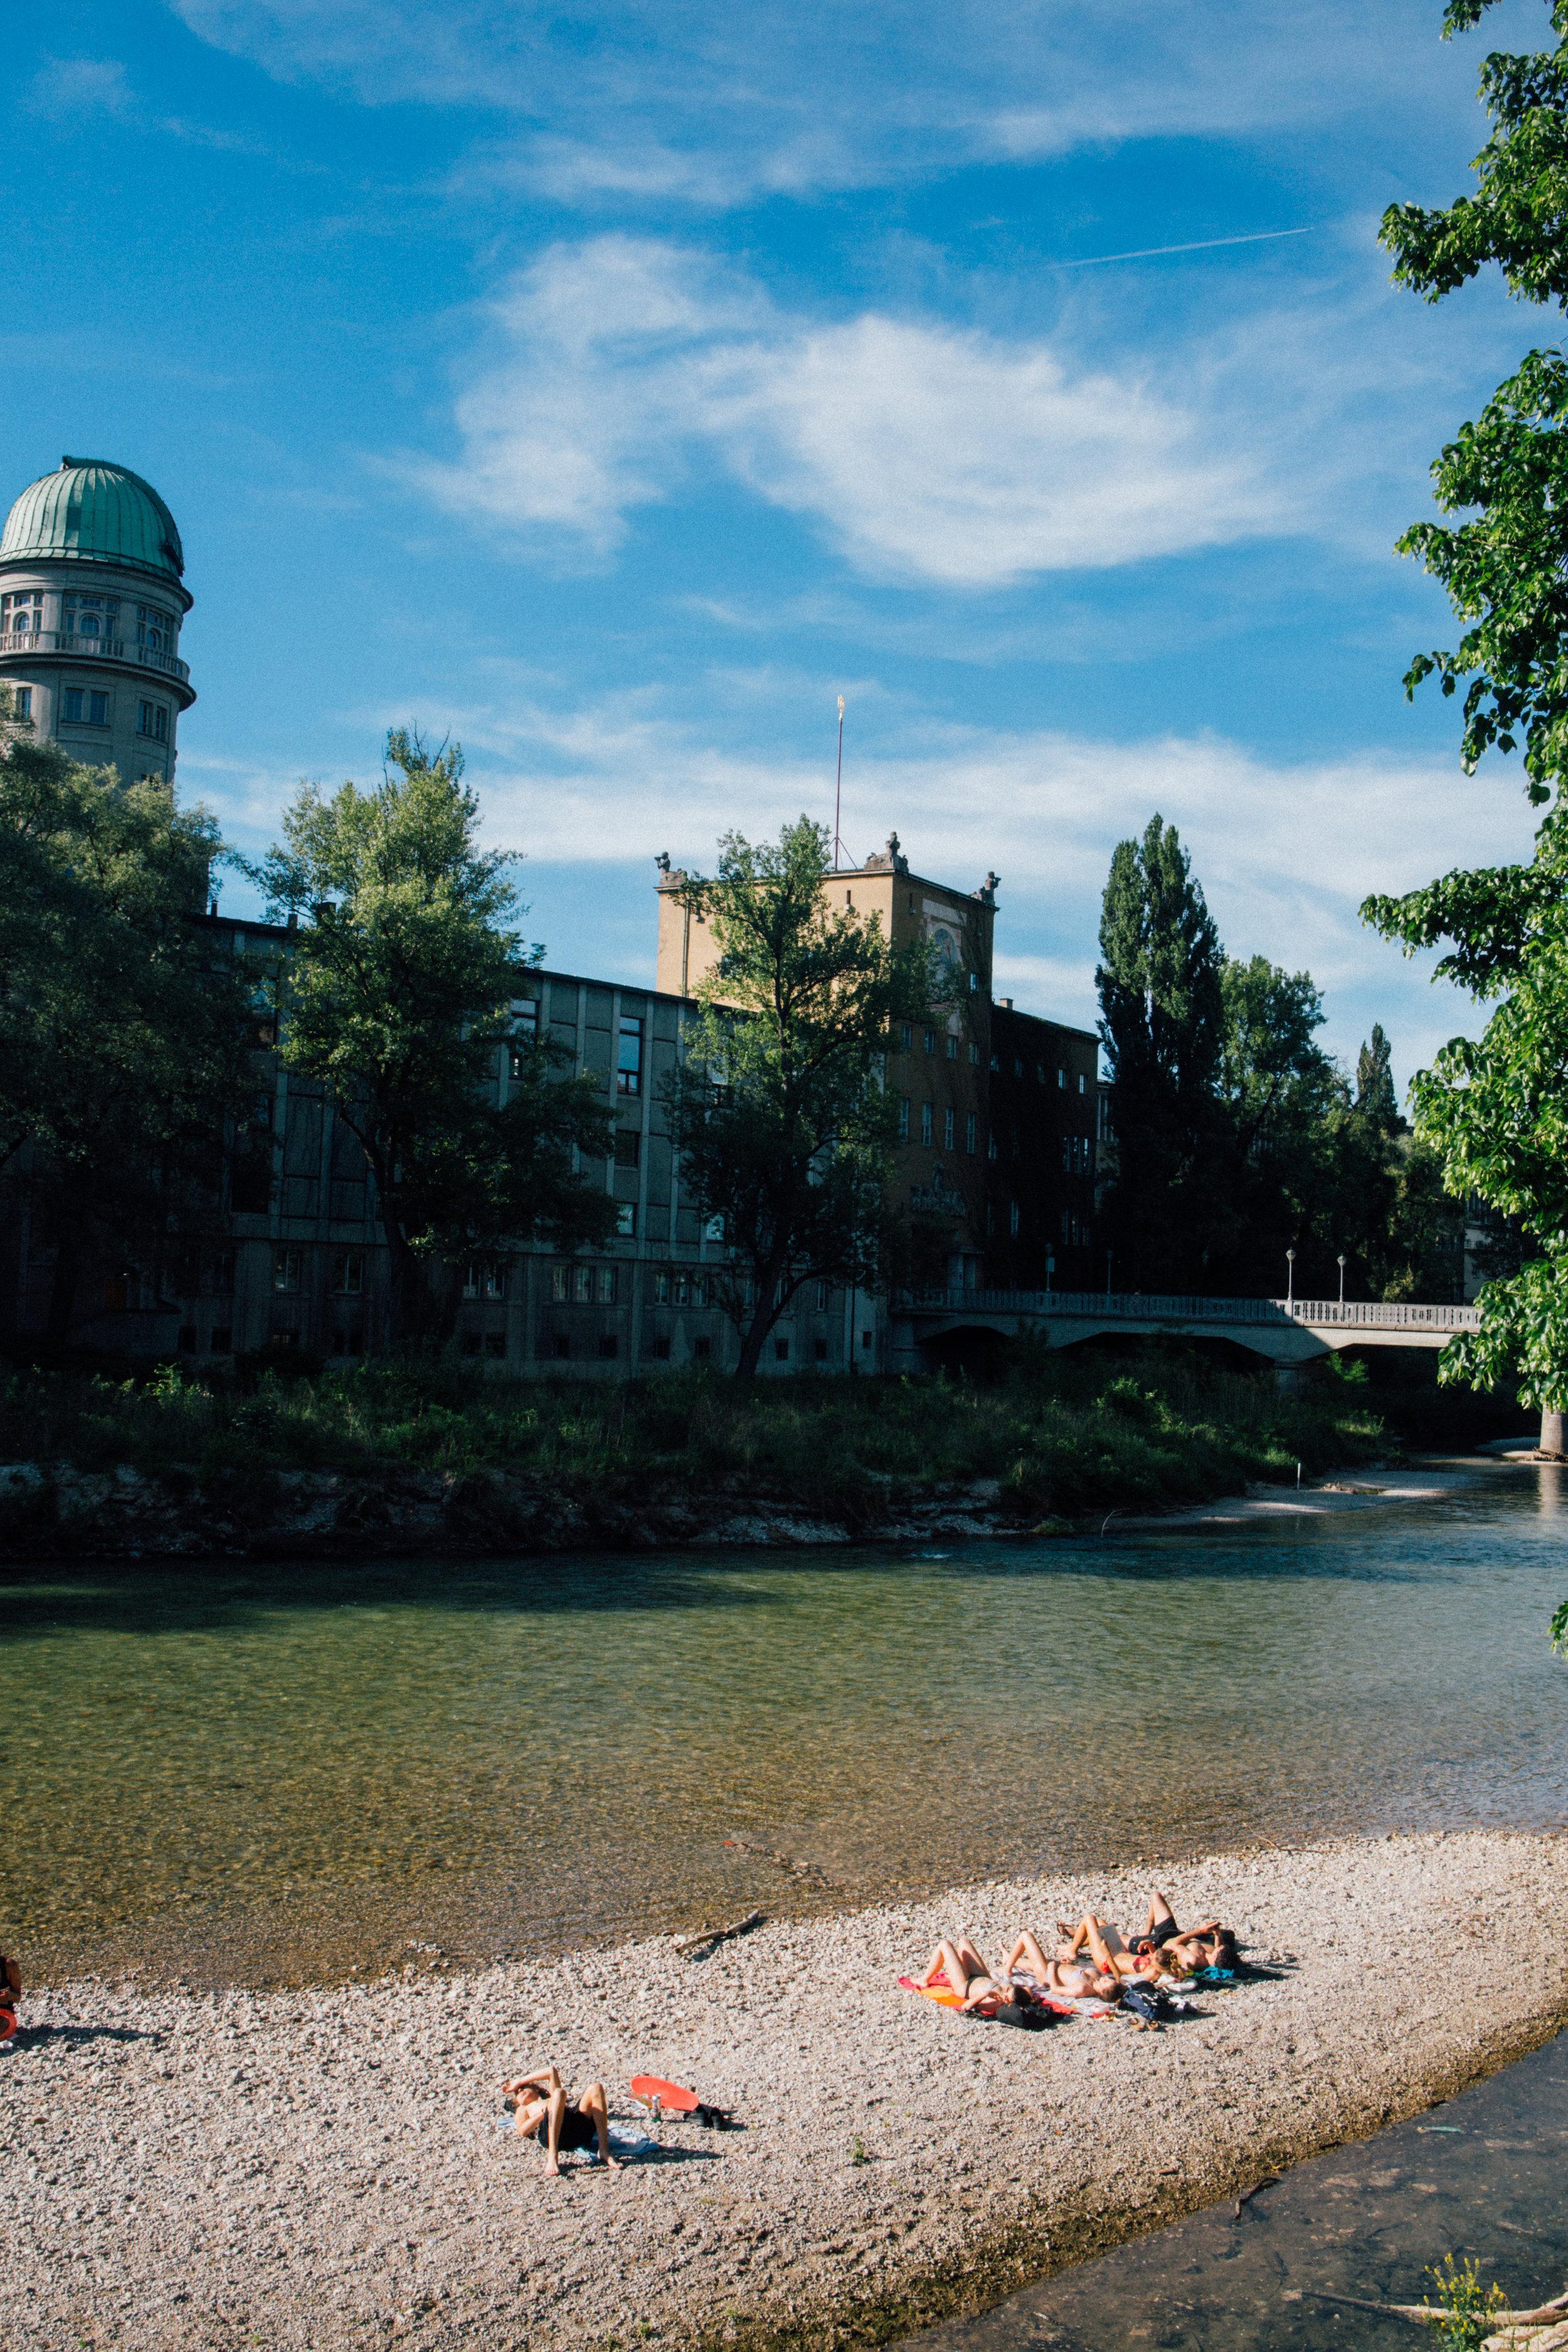 Río Isar, München by Jorge Güiro 24.jpg